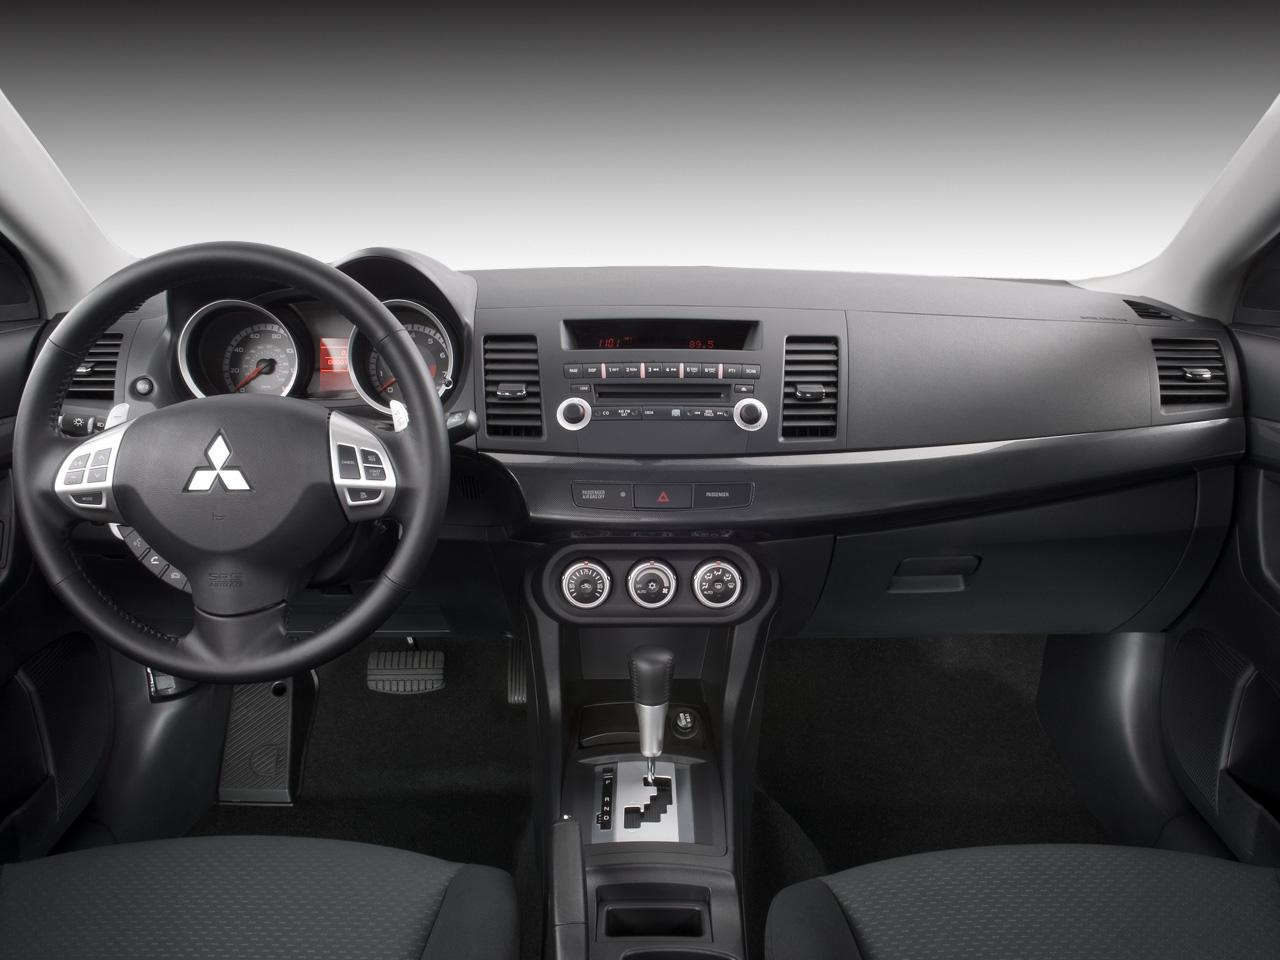 Mitsubishi Lancer ES